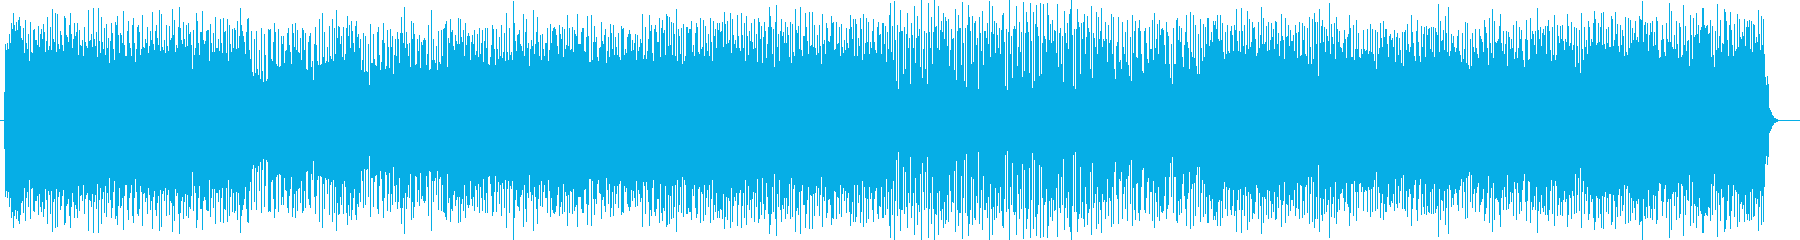 穏やかでポップなエレキサウンドの再生済みの波形